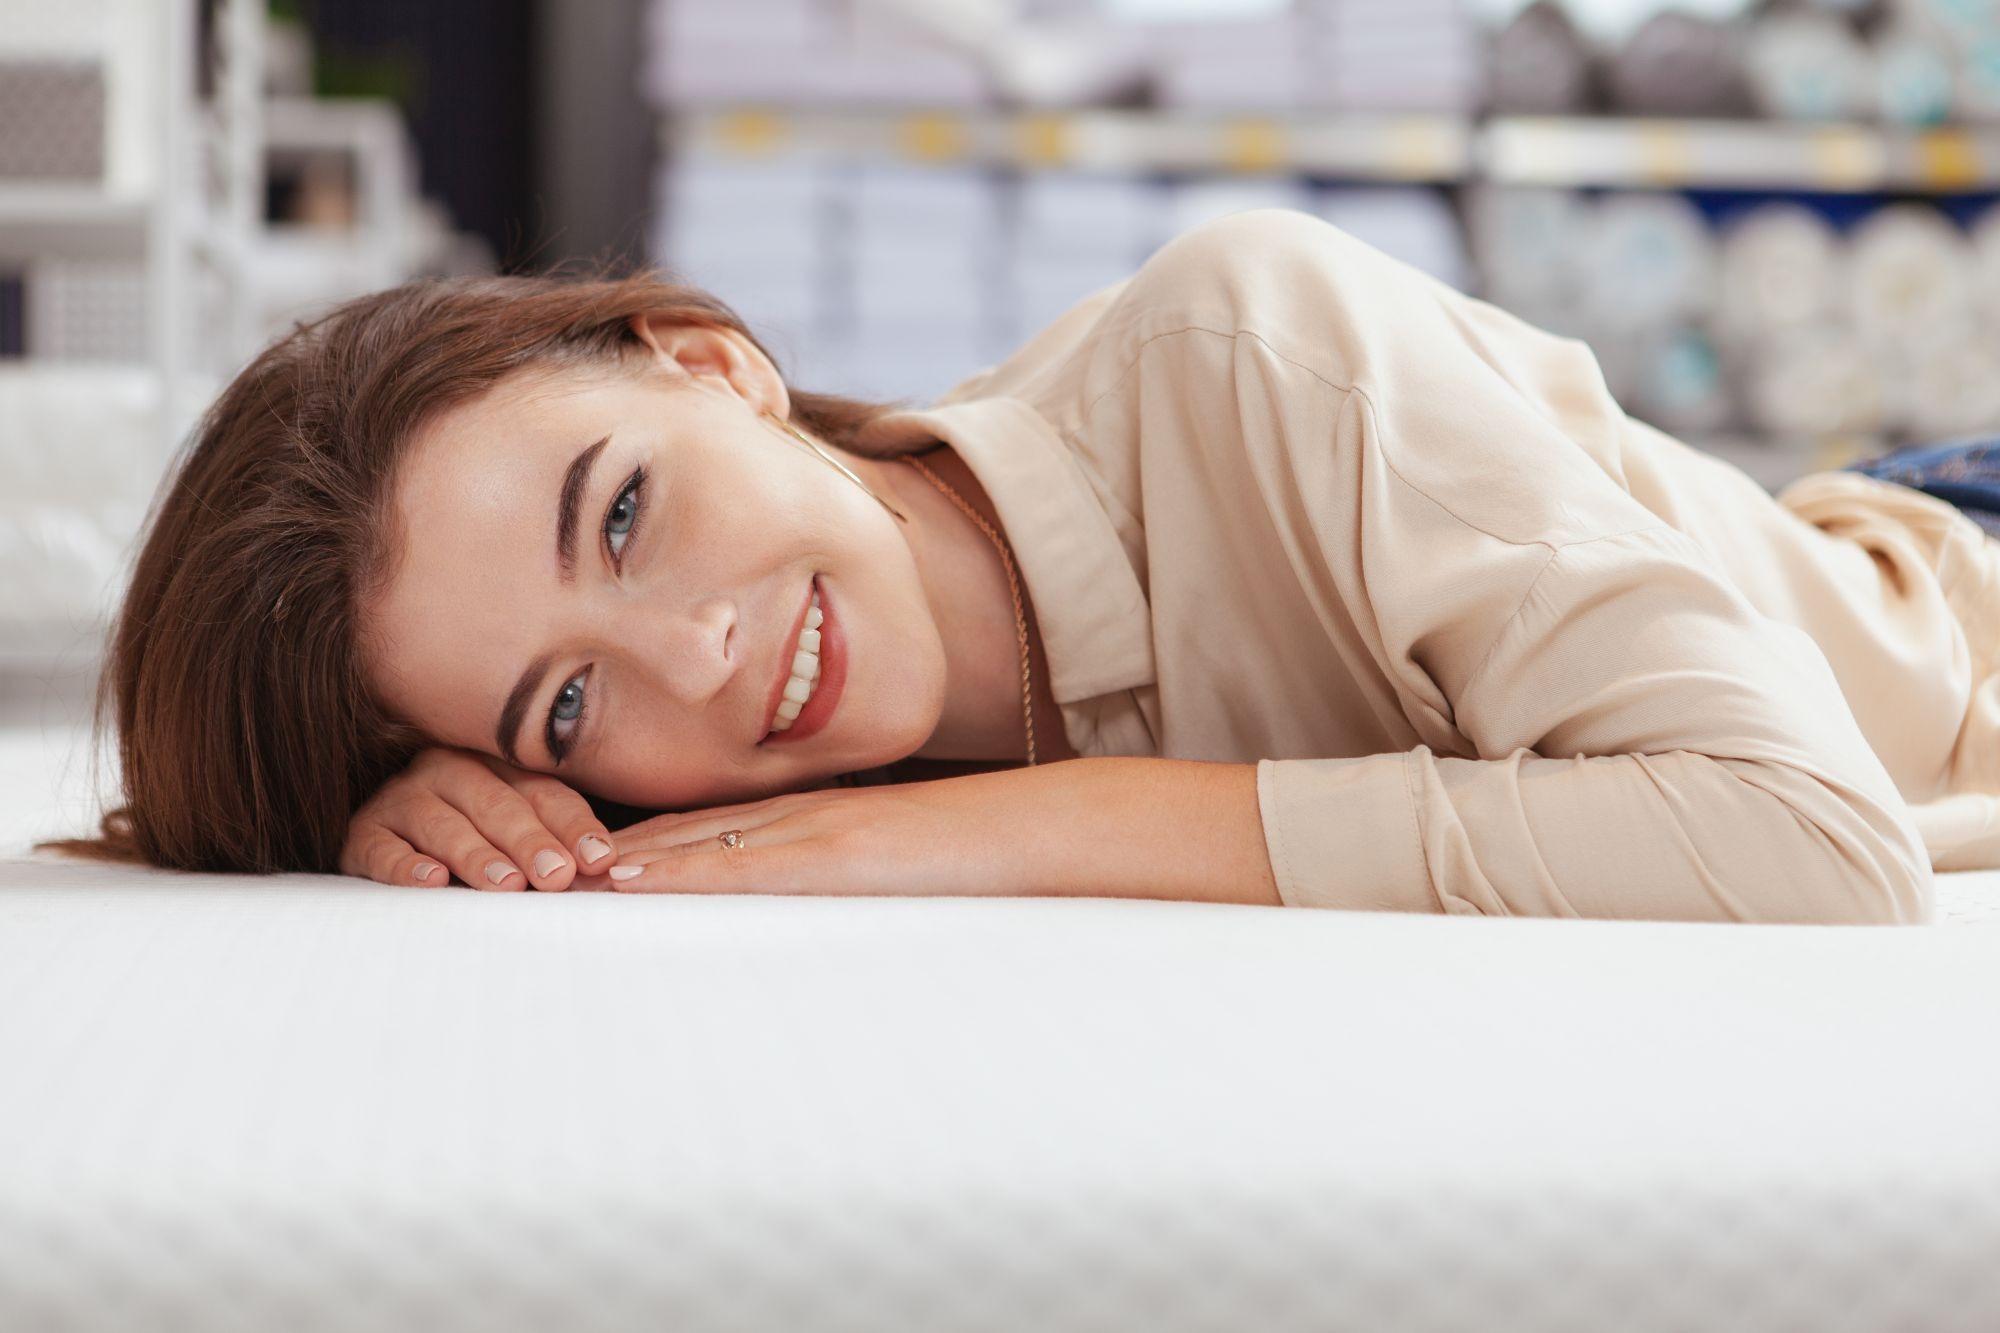 Kényelmes matracon fekvő nő